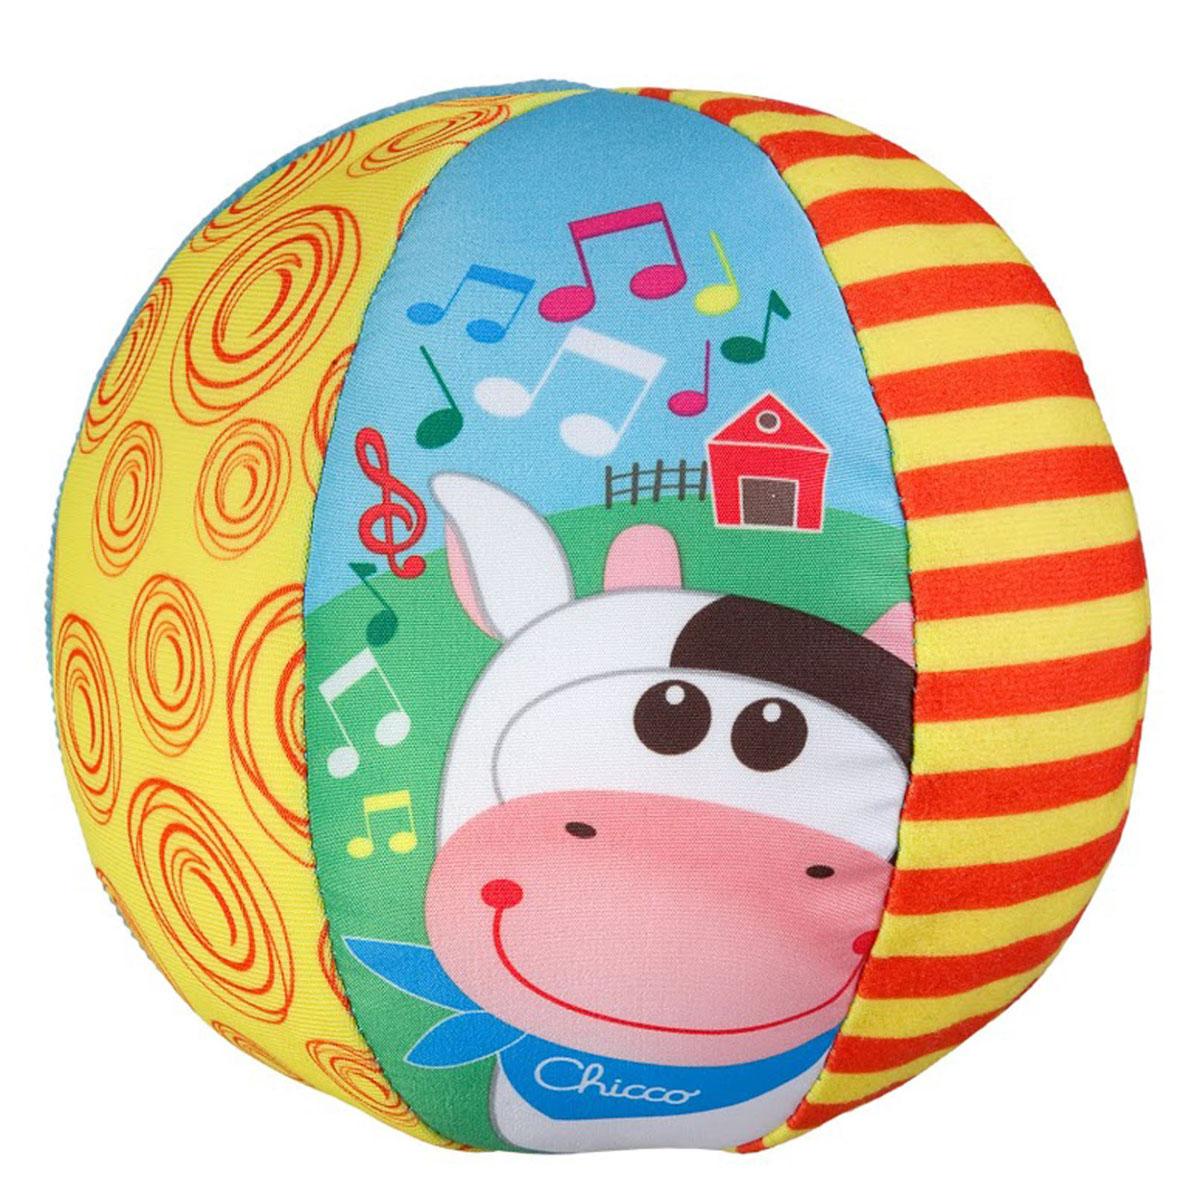 Развивающая игрушка Chicco Музыкальный мяч00005836000000Развивающая игрушка Chicco Музыкальный мяч привлечет внимание вашего малыша и не позволит ему скучать! Мягконабивной мяч выполнен из текстильного материала разных цветов и фактур. Его форма удобна для держания и хватания маленькими детскими ручками. Достаточно ребенку потрясти игрушку, и она порадует кроху веселыми мелодиями. Малыш сможет катить яркий мячик перед собой, что будет стимулировать ребенка к движениям. Игрушка Музыкальный мяч поможет малышу развить цветовое и звуковое восприятие, тактильные ощущения, мышление, мелкую моторику рук и координацию движений. Необходимо докупить 2 батареи напряжением 1,5V типа ААА (не входят в комплект).